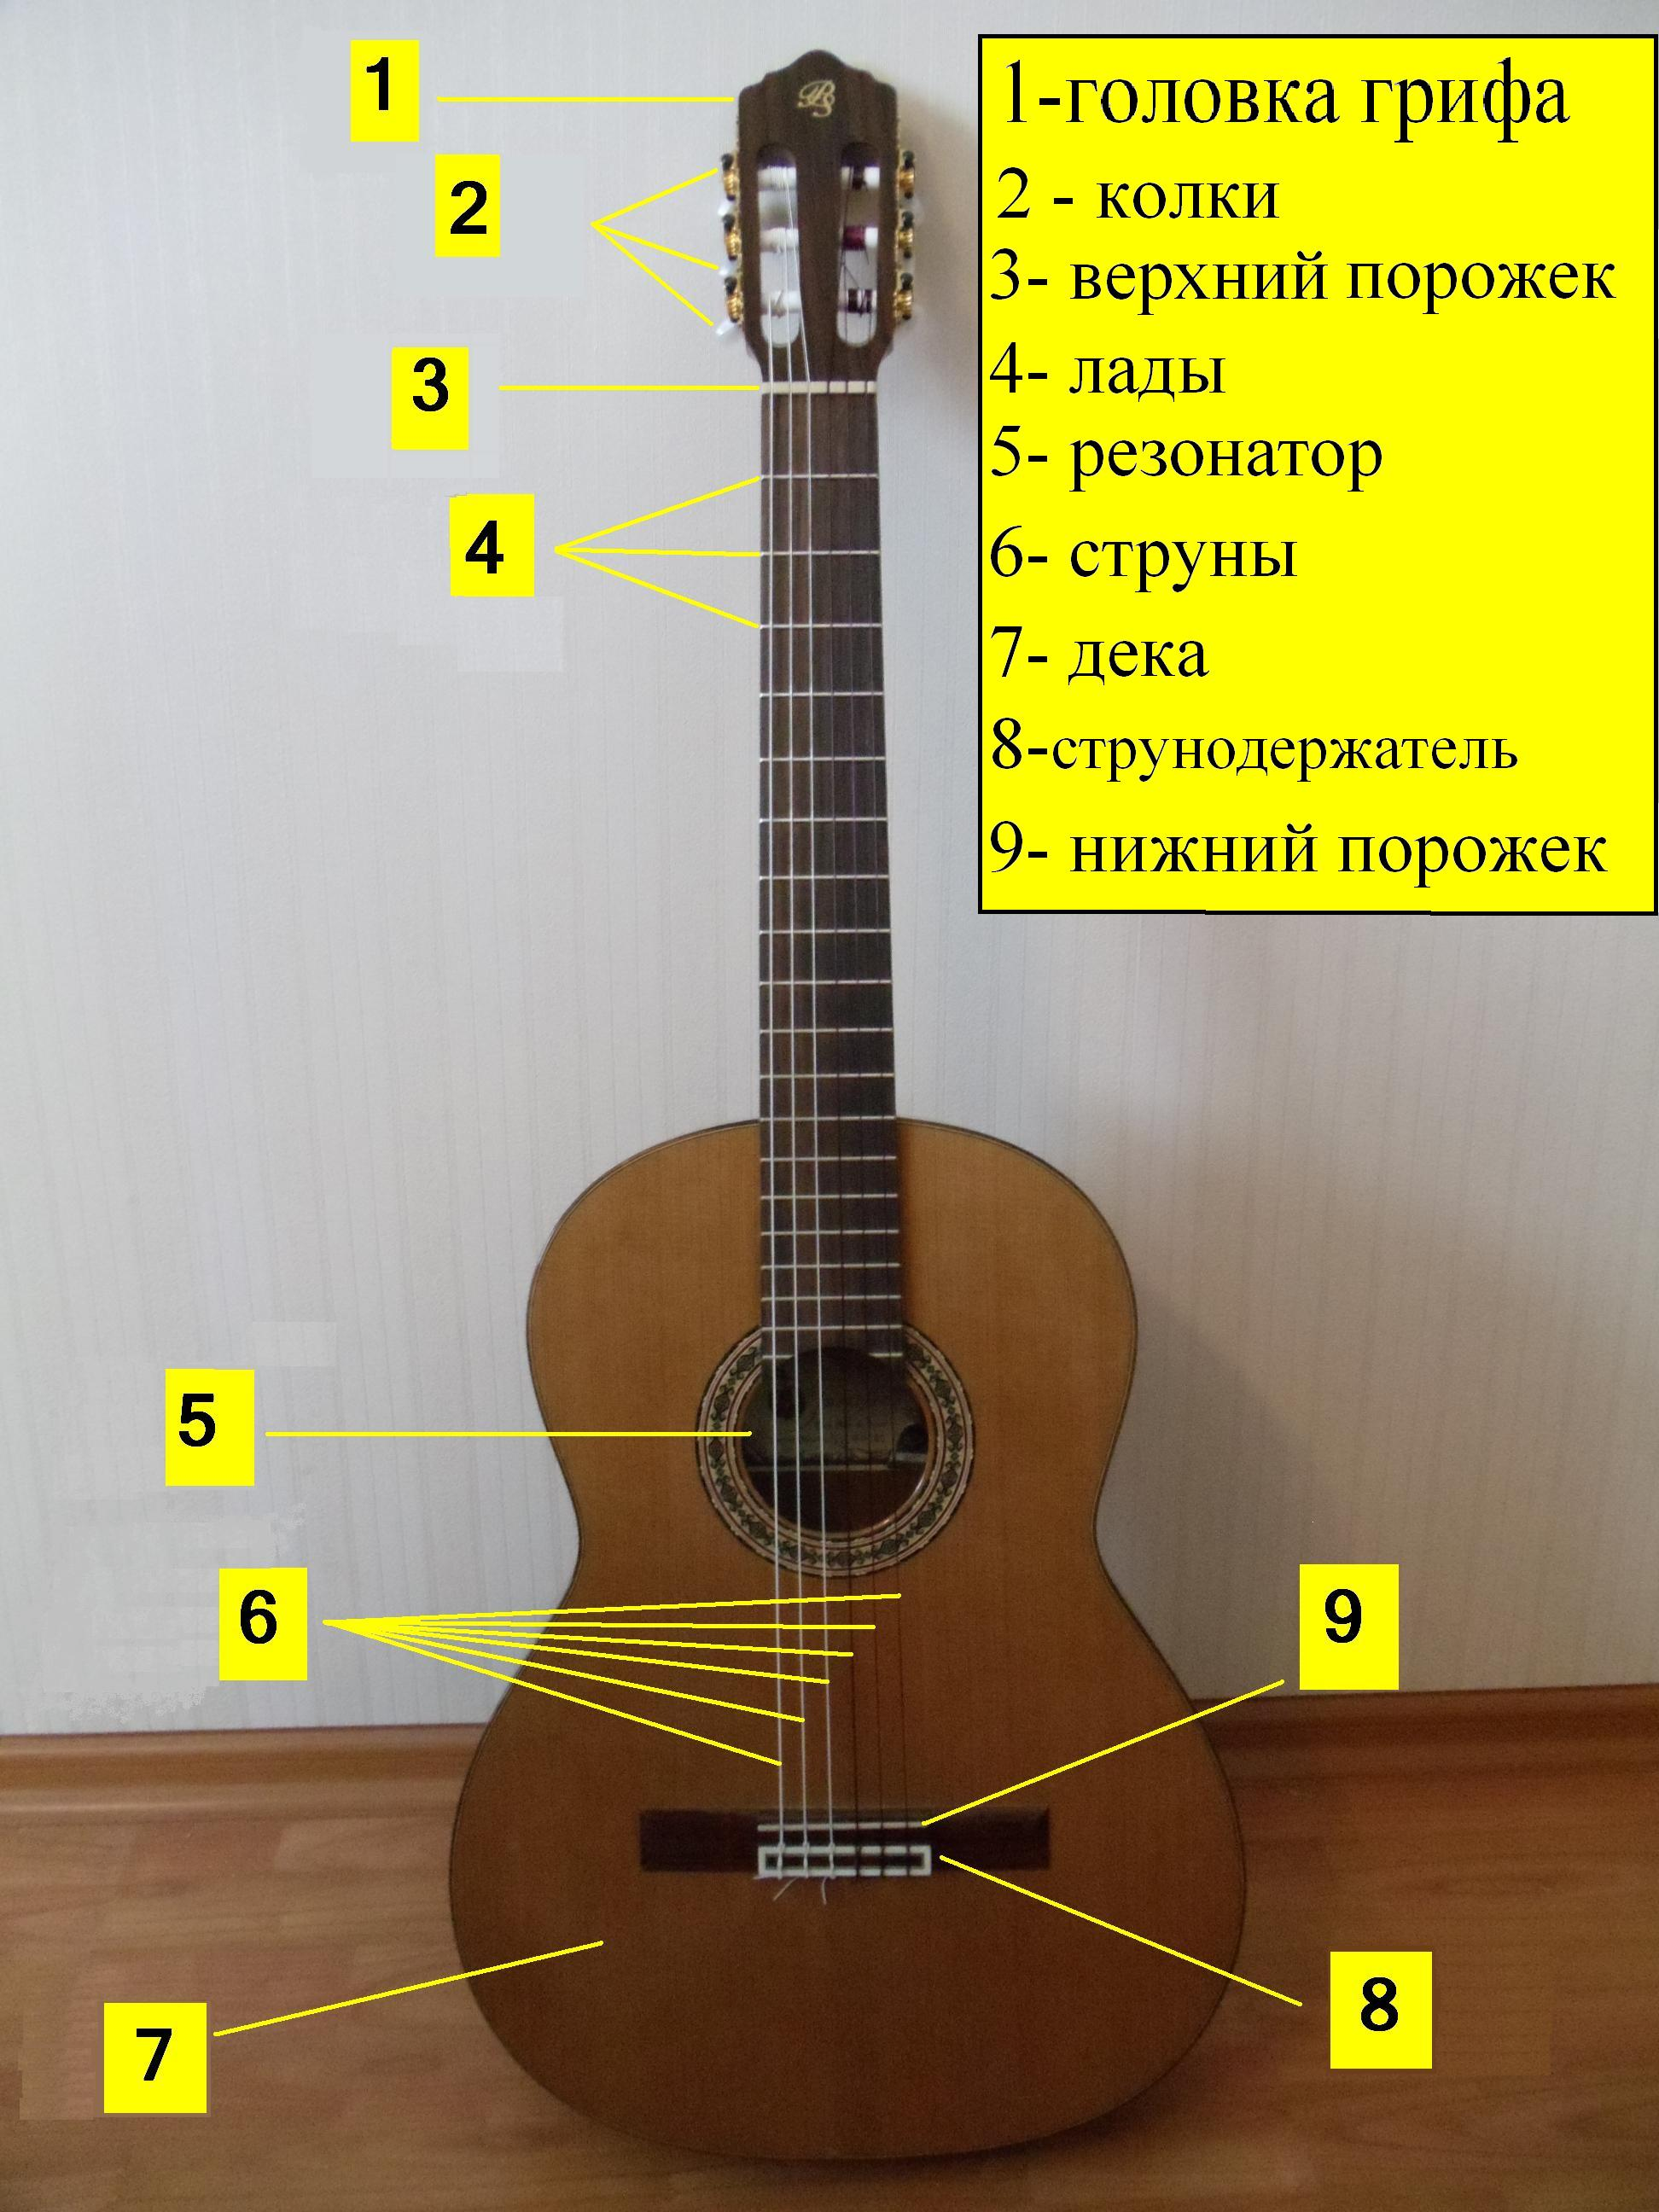 Строение гитары